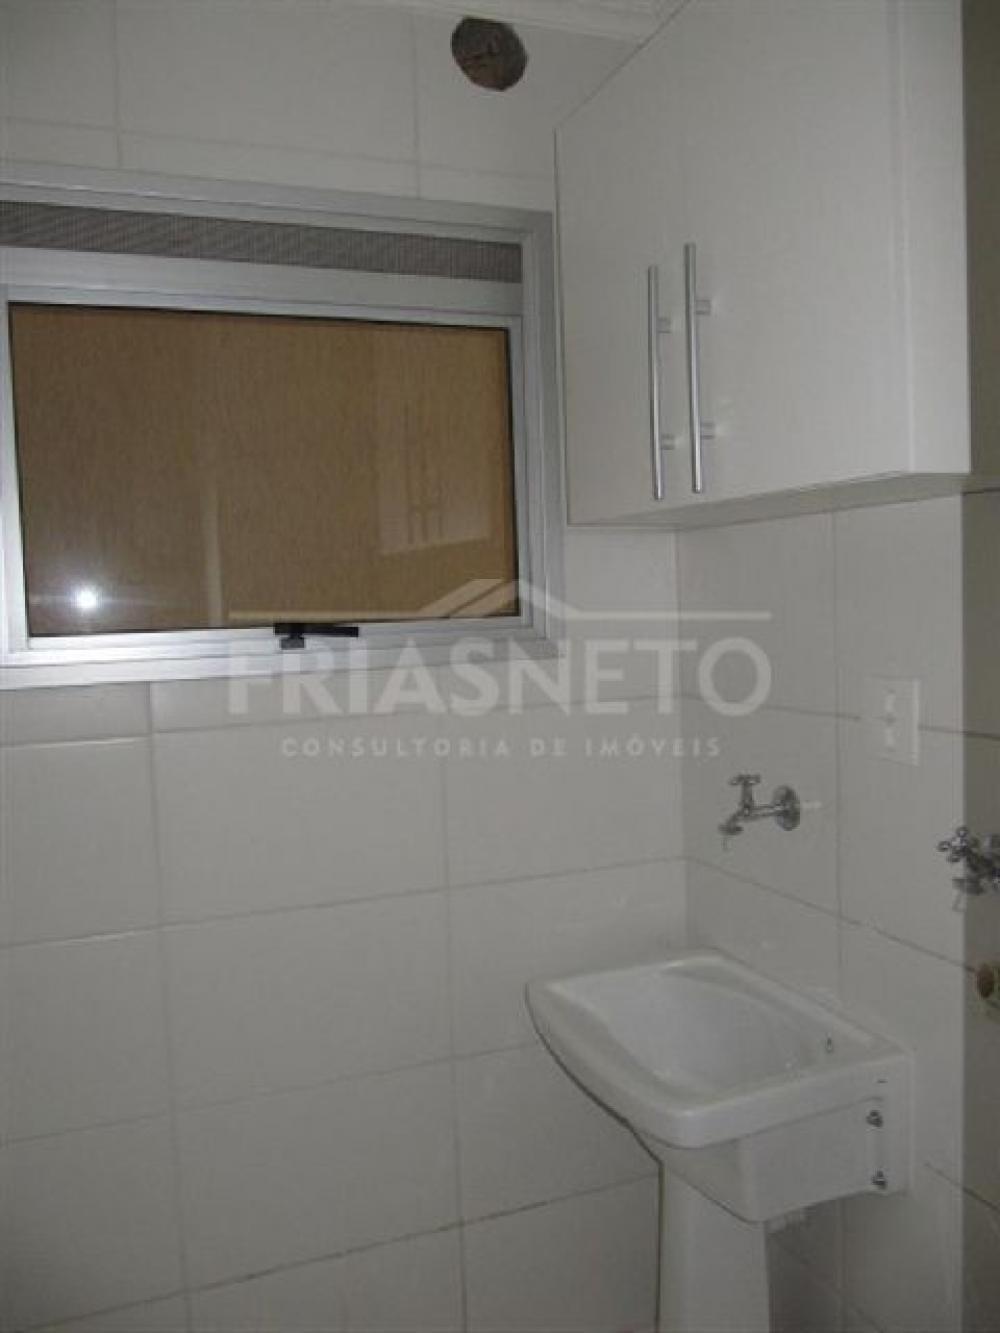 Apartamento em excelente localização, 48 m², 1 dormitório com armário, sala, cozinha planejada, banheiro com box, 1 vaga.